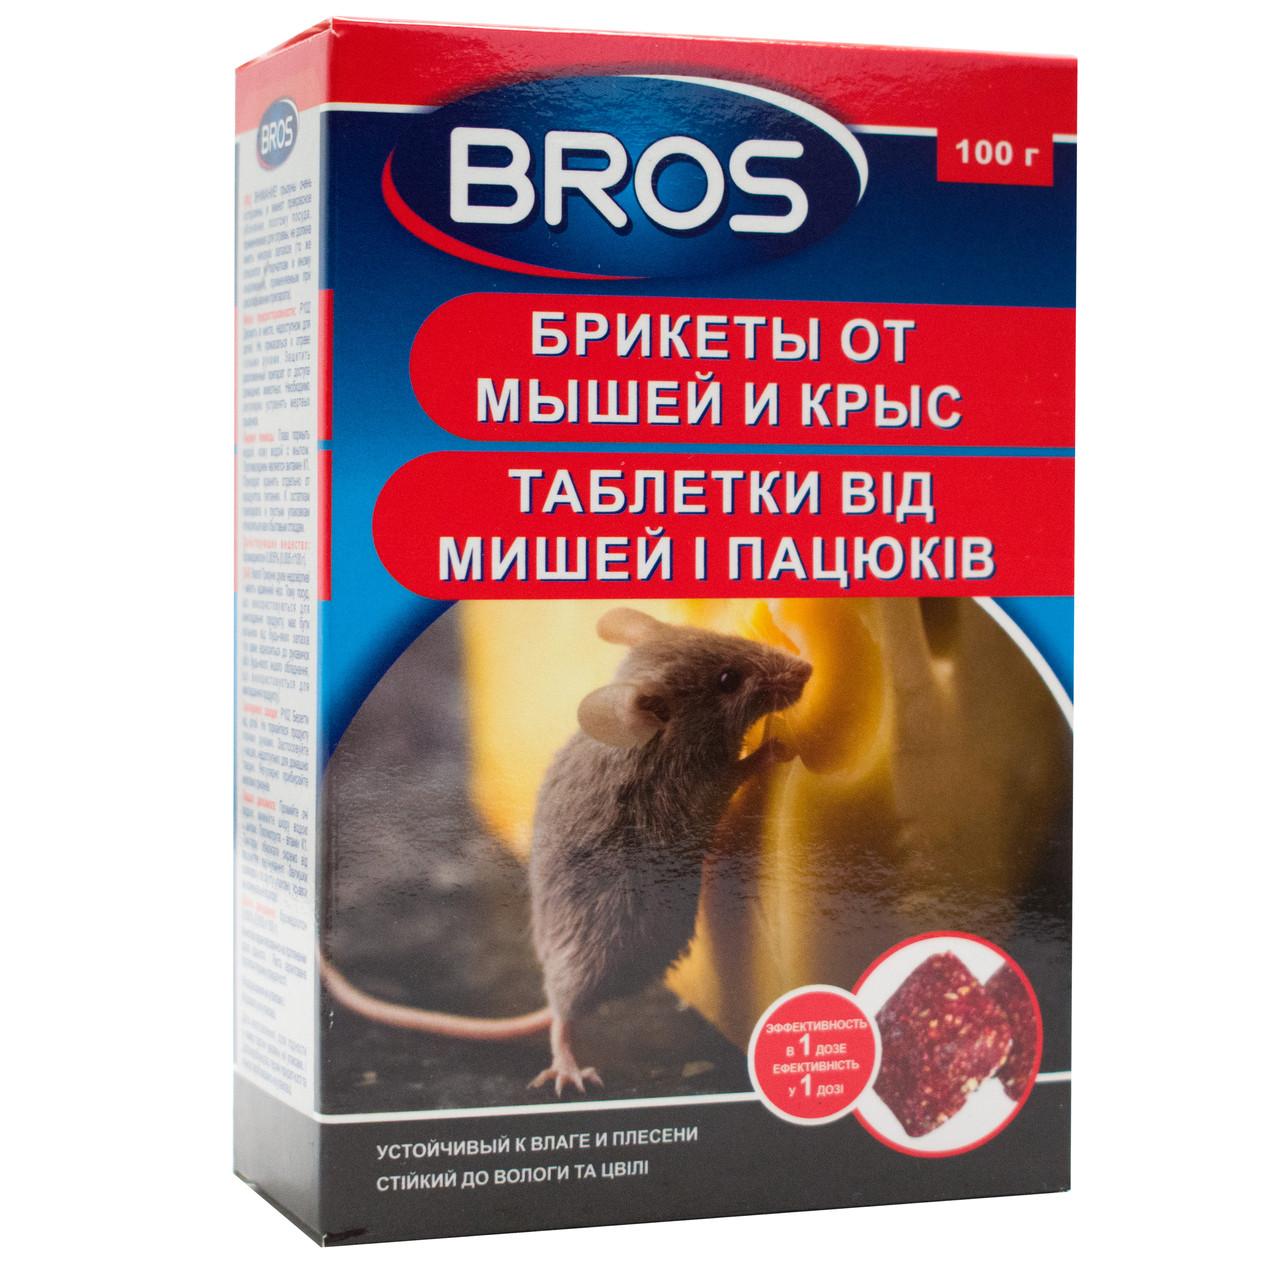 Брикеты от мышей и крыс Bros 100 г